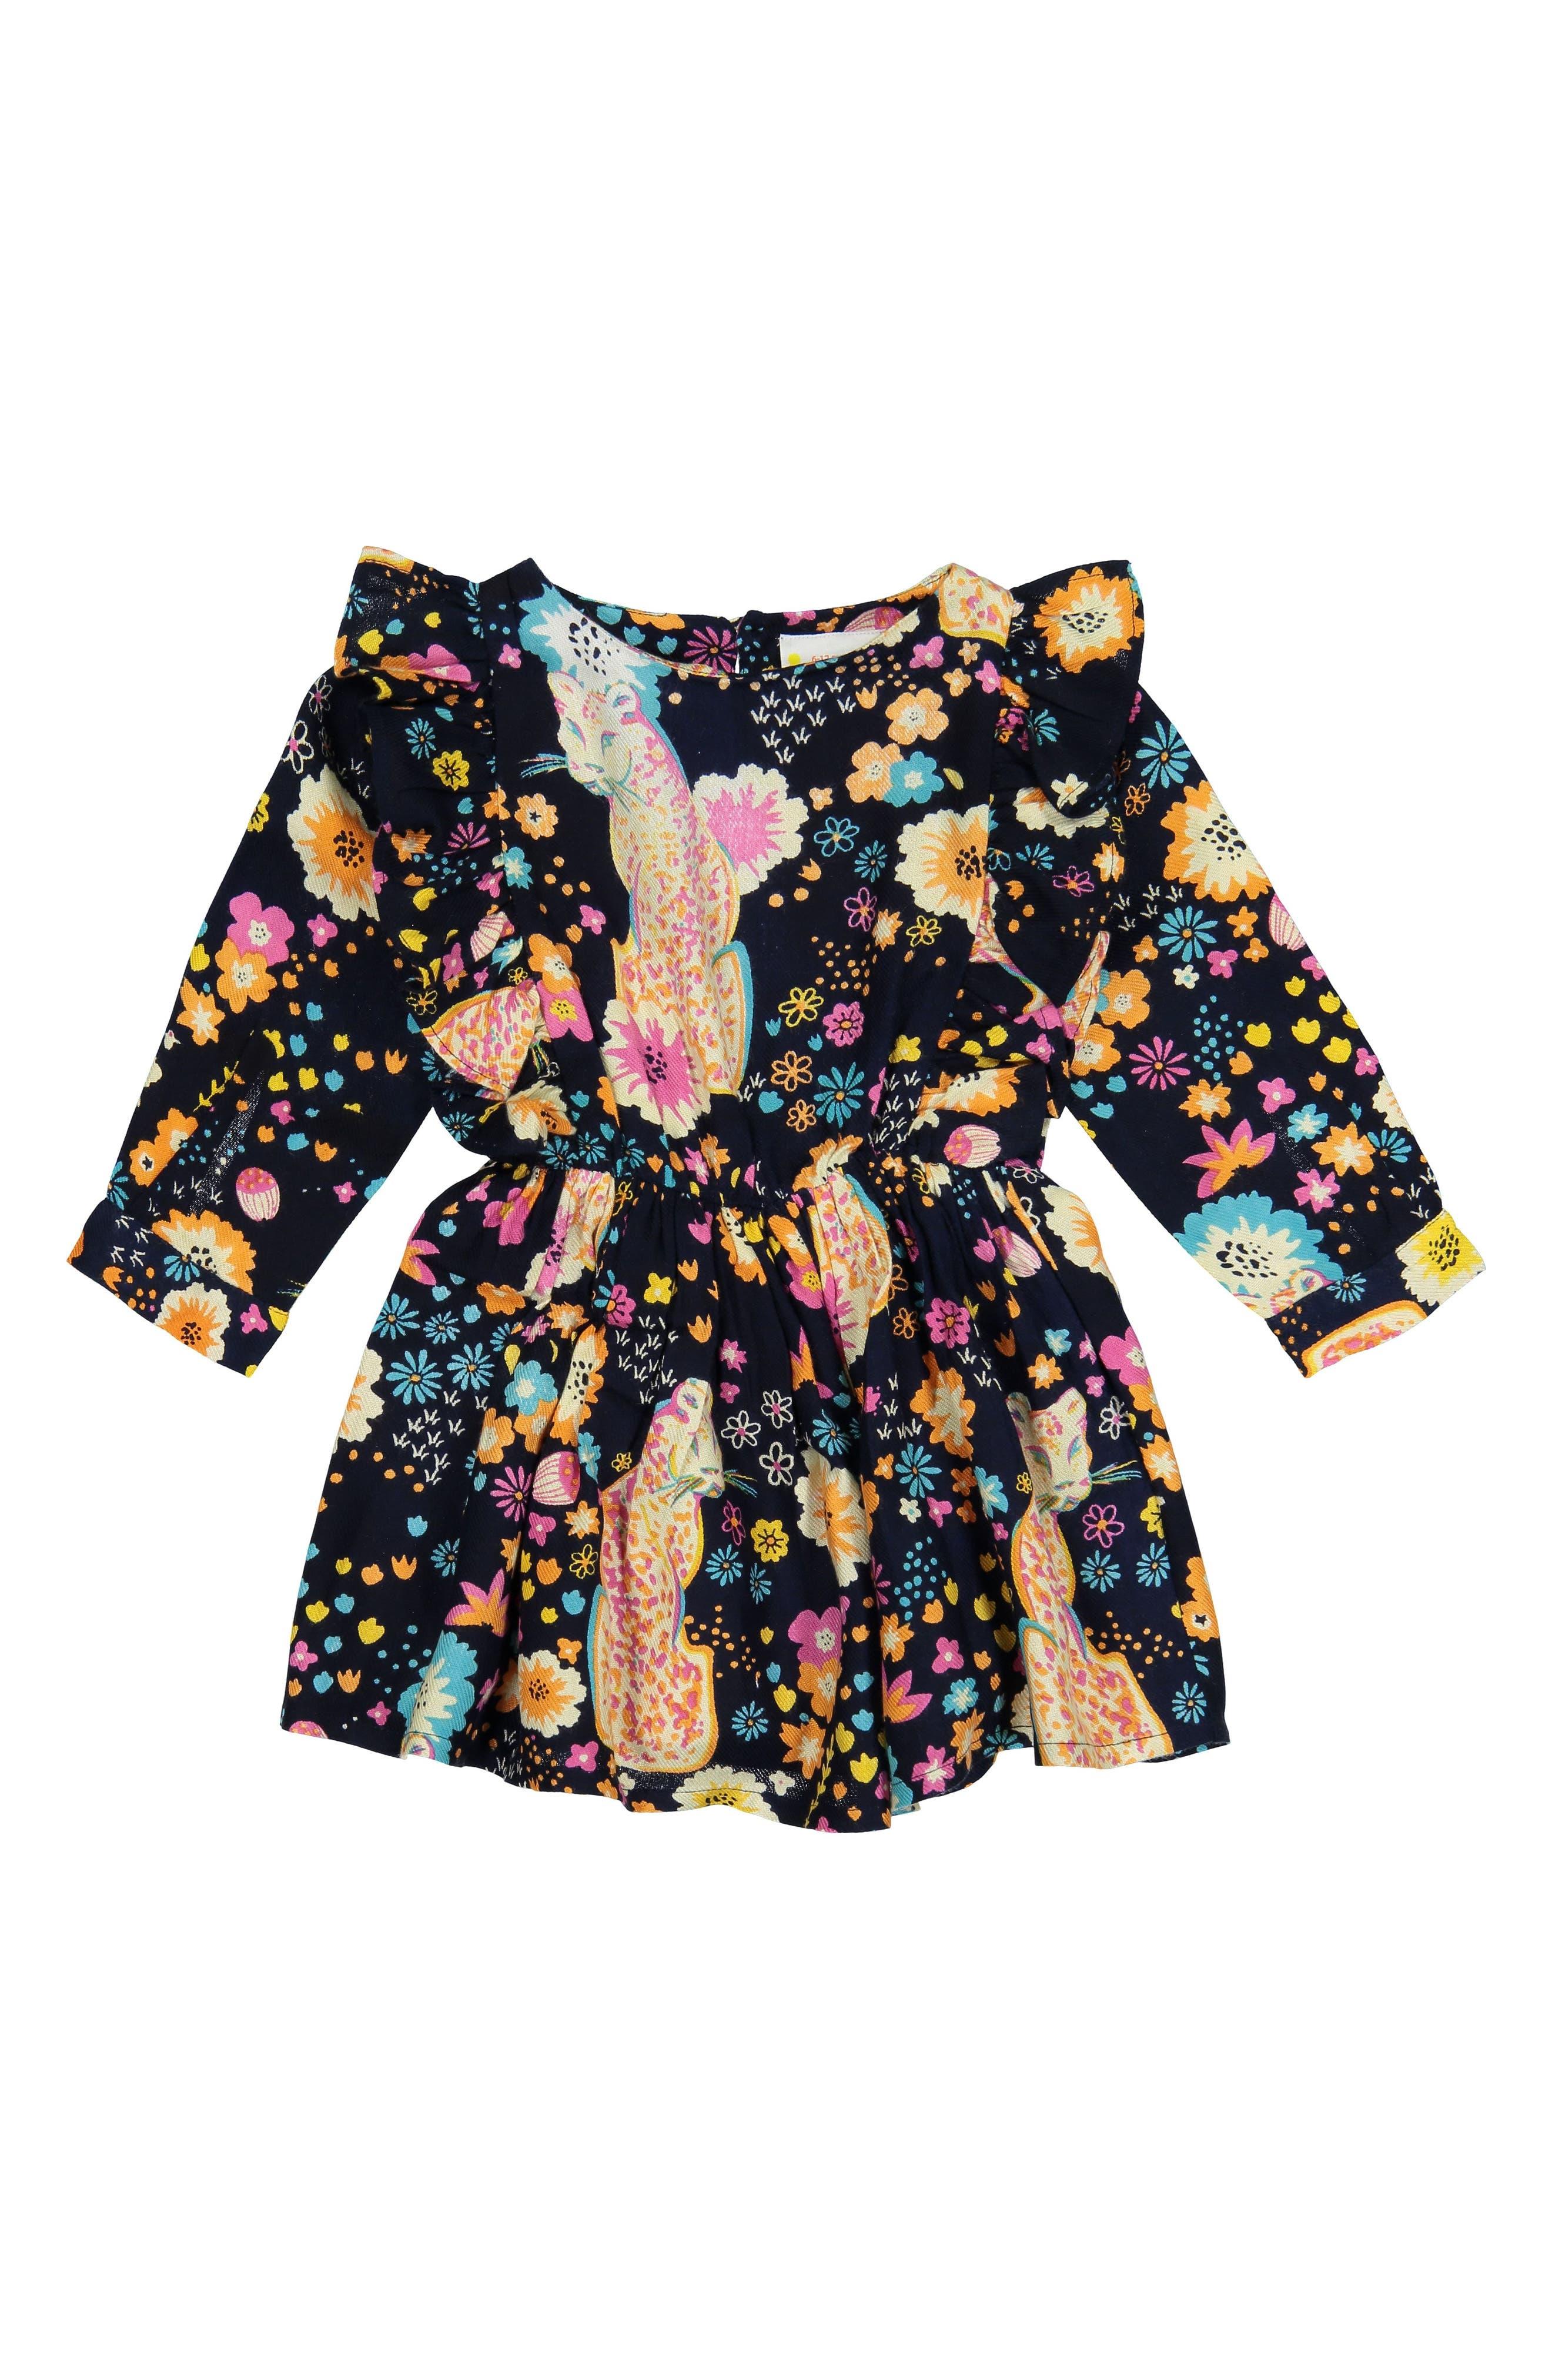 Fantasia Cheetah Dress,                             Main thumbnail 1, color,                             NAVY